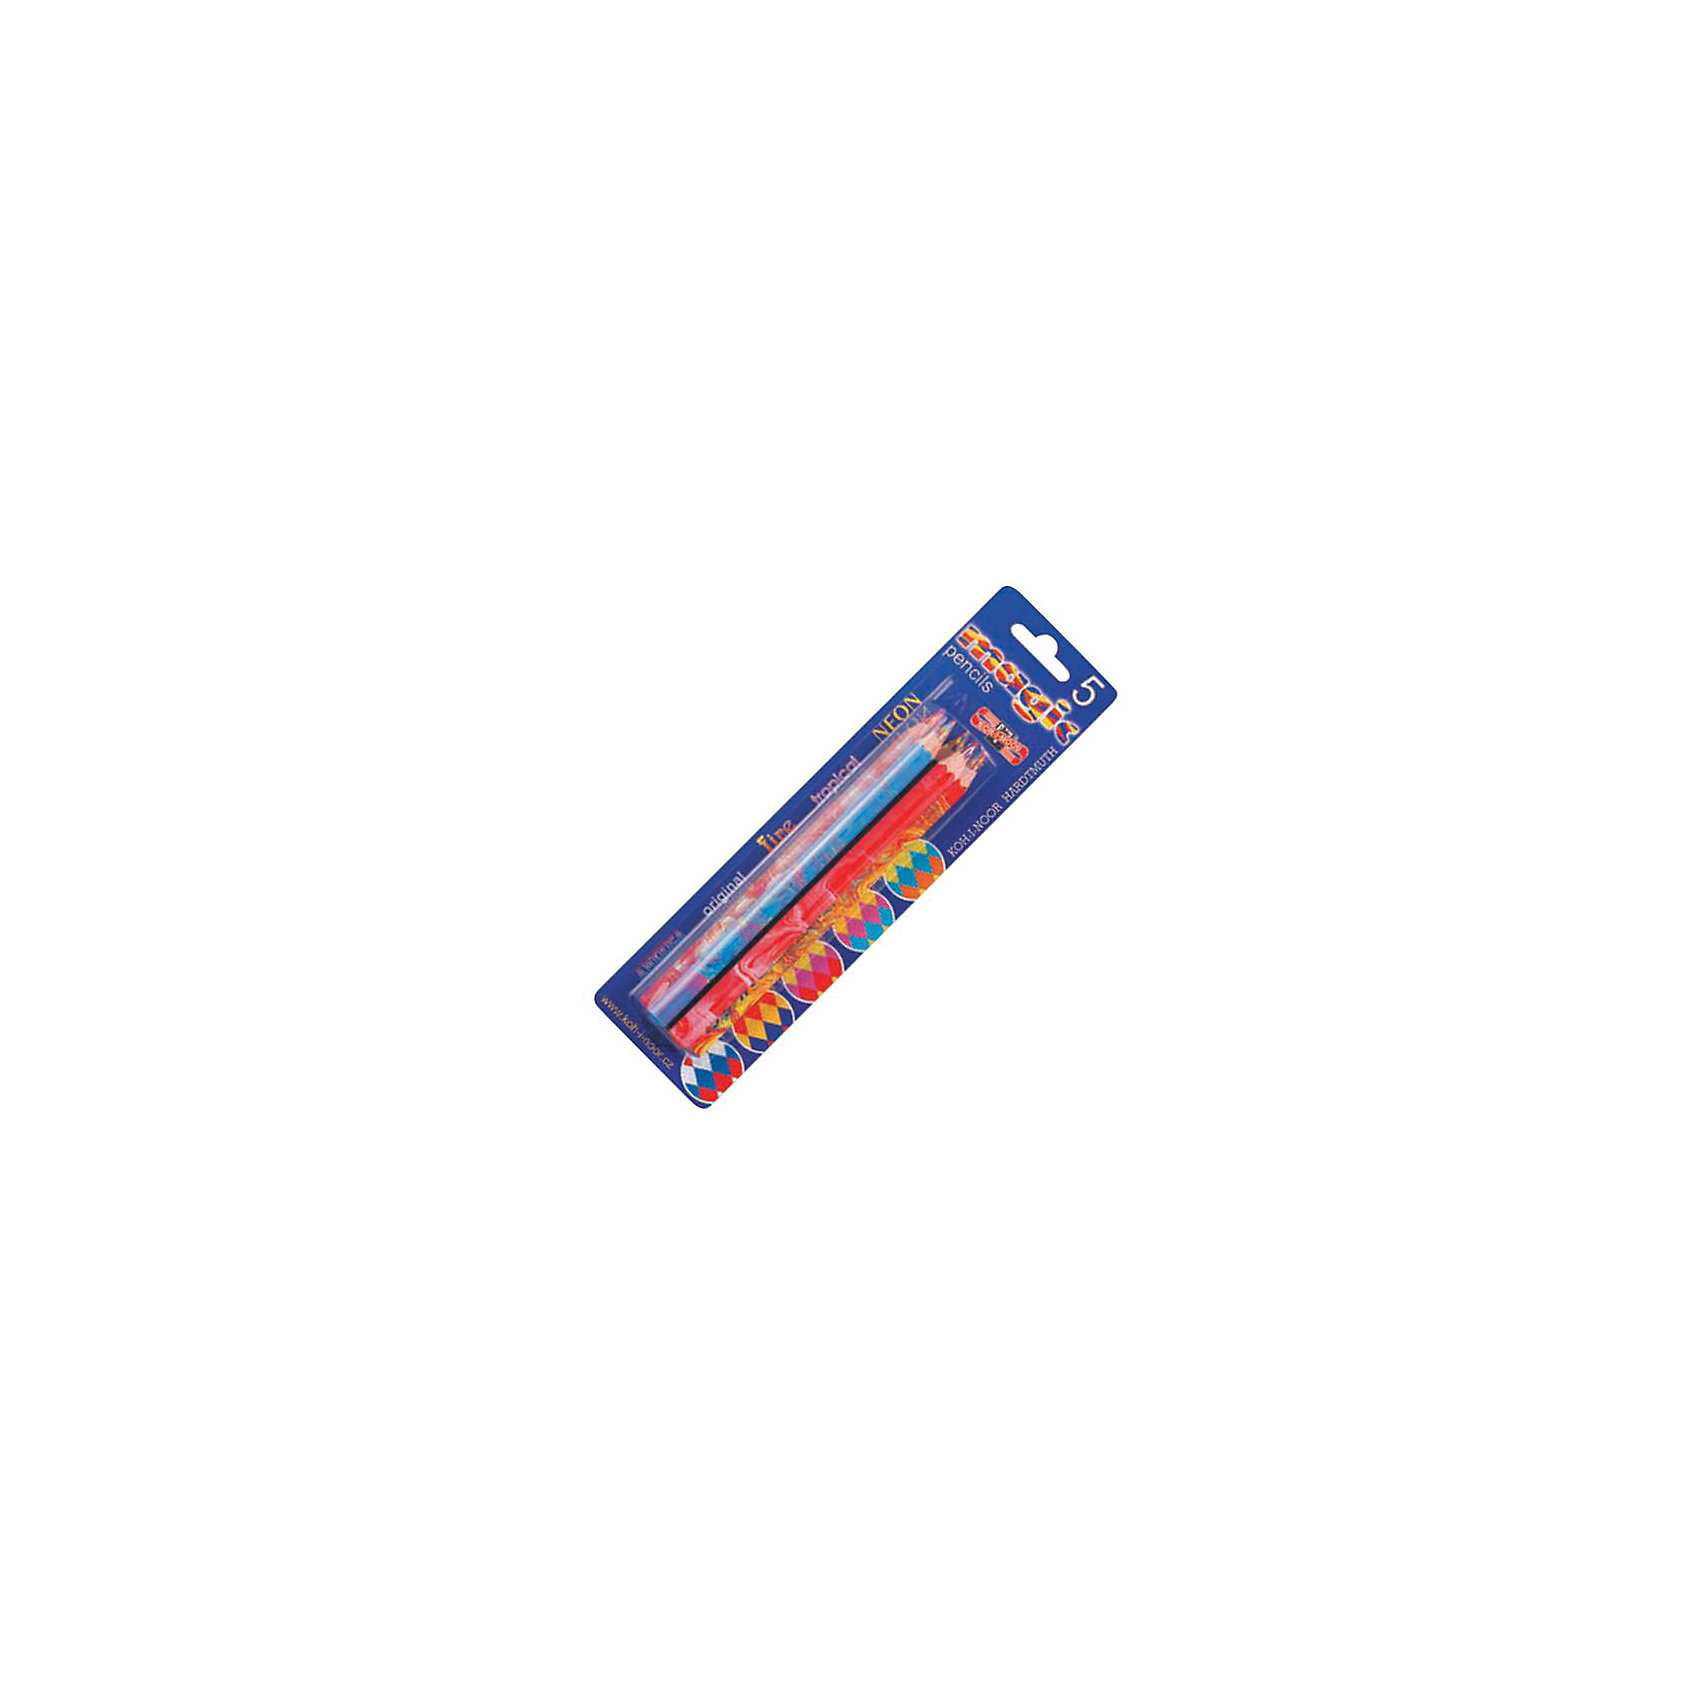 KOH-I-NOOR Набор карандашей MAGIC 5 шт,Рисование<br>Карандаш с многоцветным грифелем: синий, красный, желтый. Шестигранный корпус с раскраской в цвет грифеля. 5 штук<br><br>Ширина мм: 180<br>Глубина мм: 70<br>Высота мм: 30<br>Вес г: 15<br>Возраст от месяцев: 36<br>Возраст до месяцев: 168<br>Пол: Унисекс<br>Возраст: Детский<br>SKU: 6888713